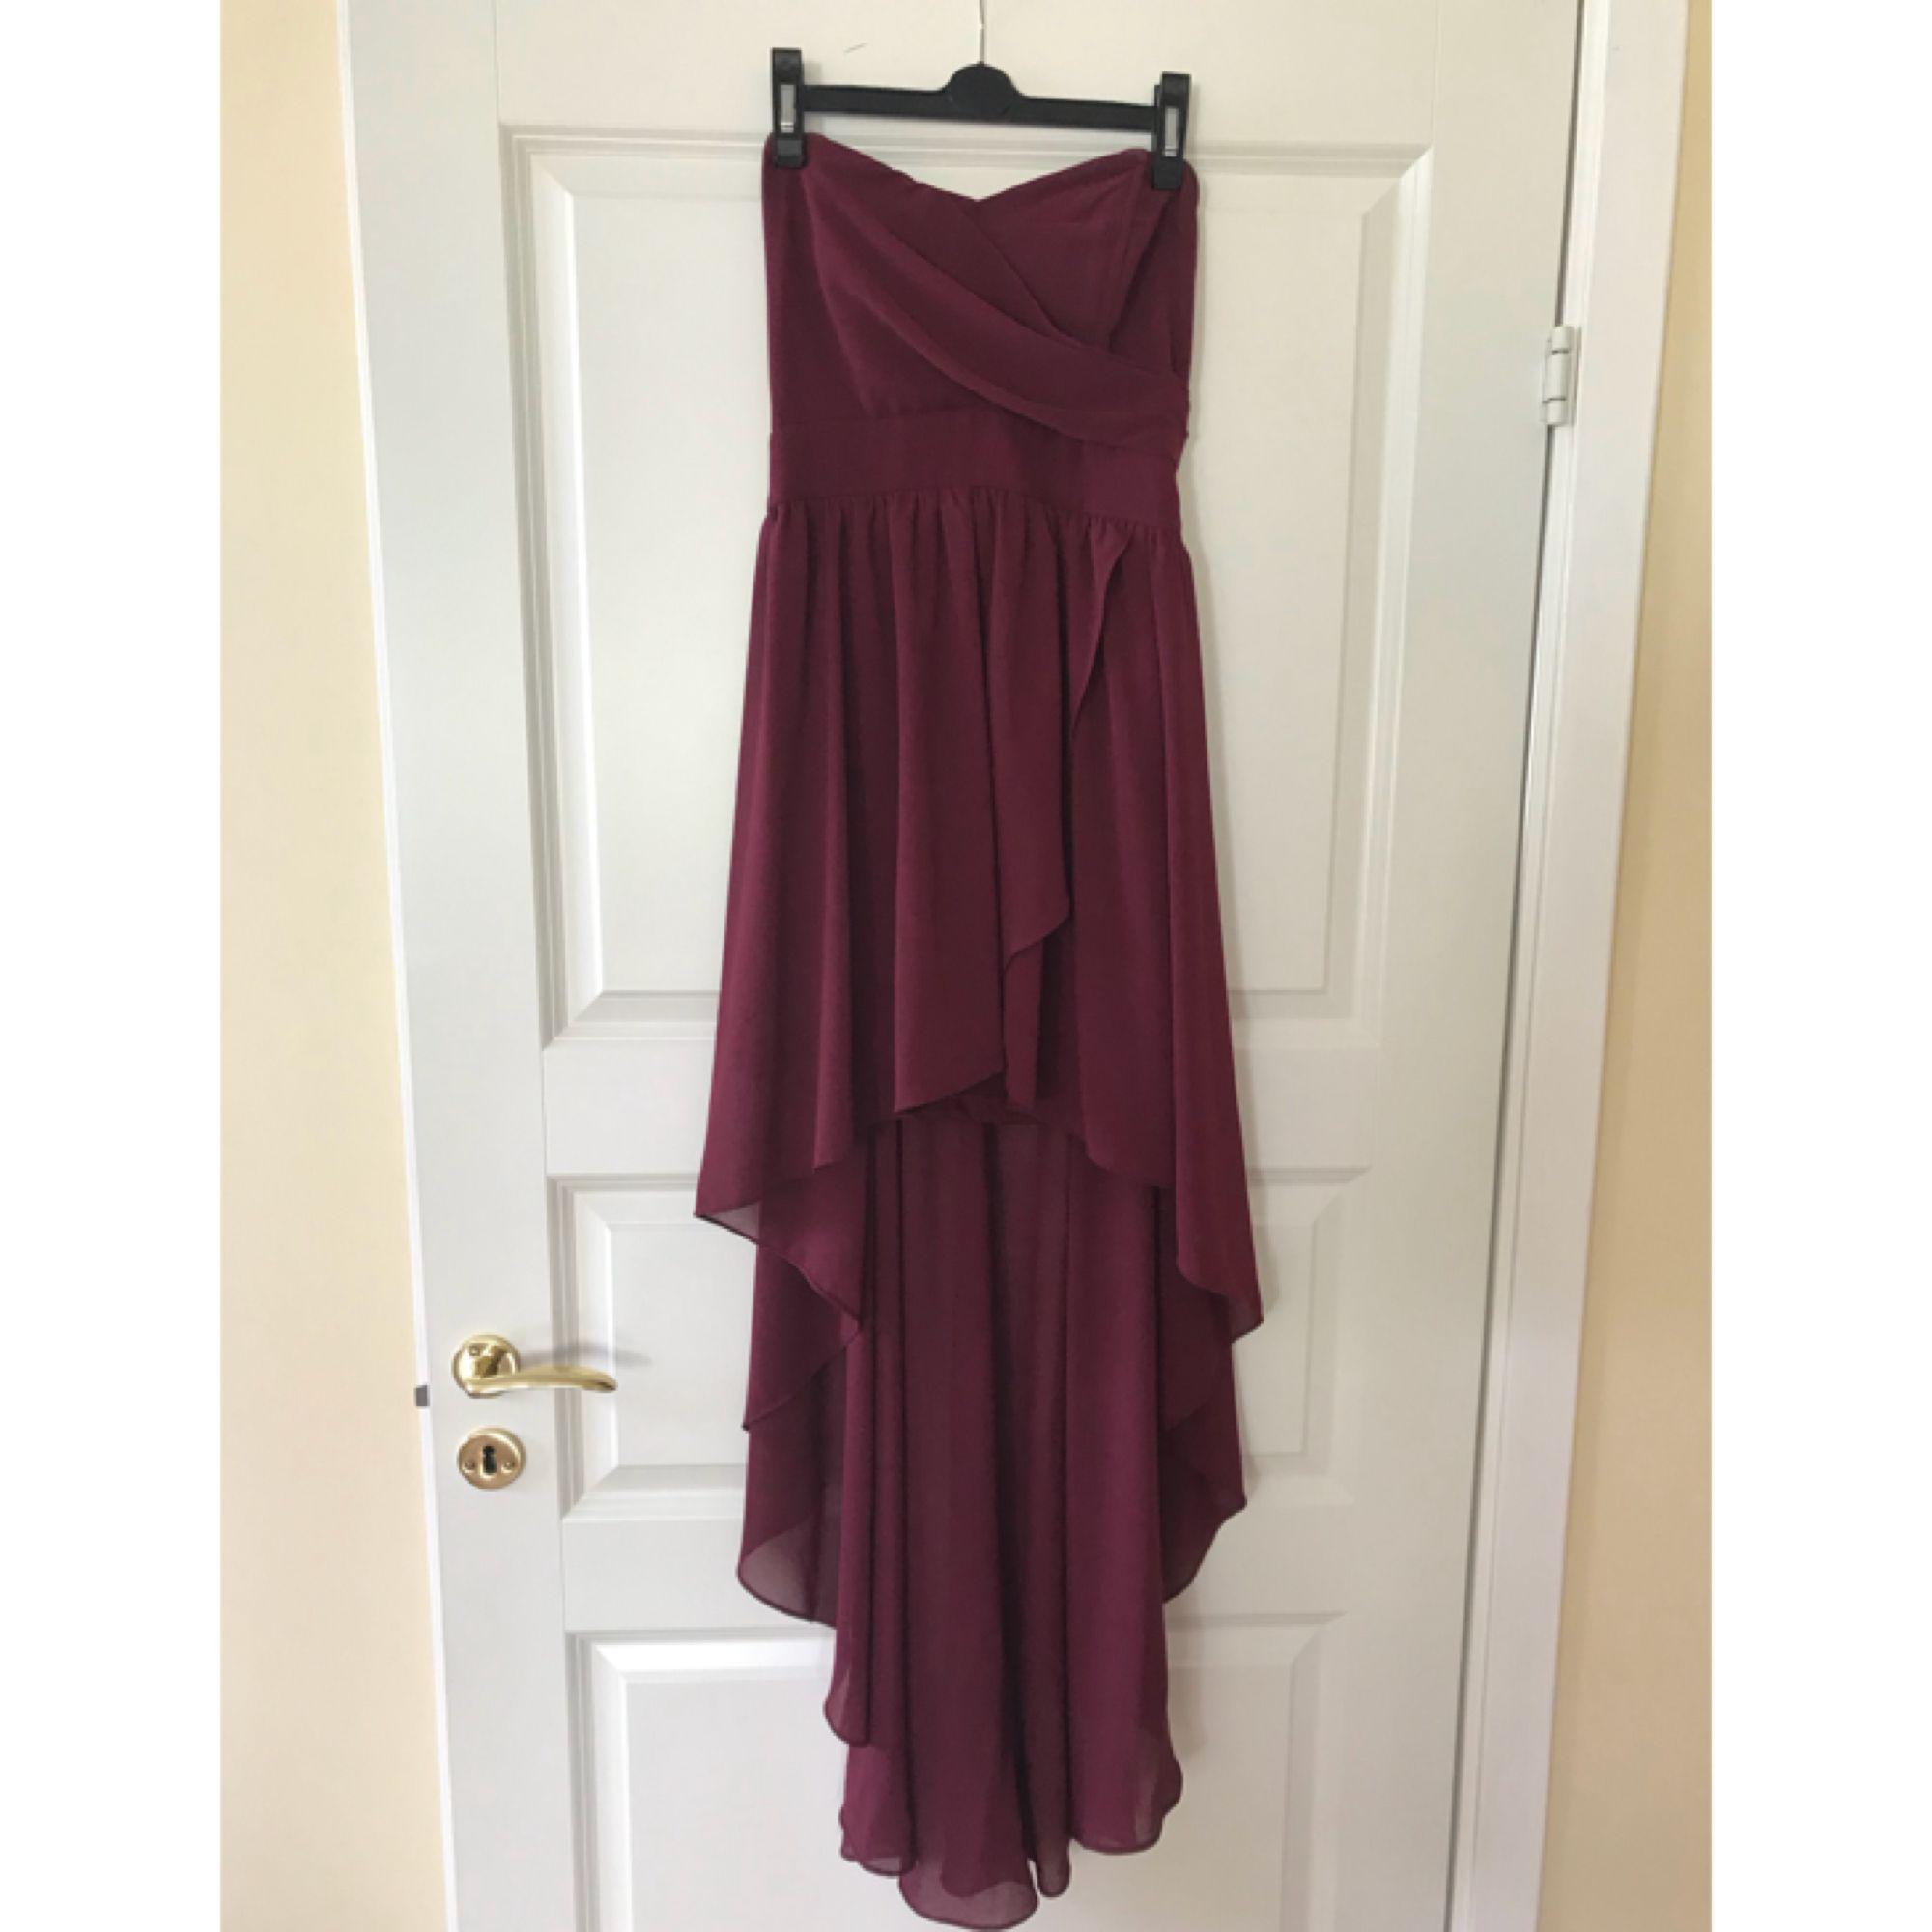 833dee32f7ad Vinröd bandlös klänning, lång bak, kort fram från Topshop. Fint material,  sparsamt